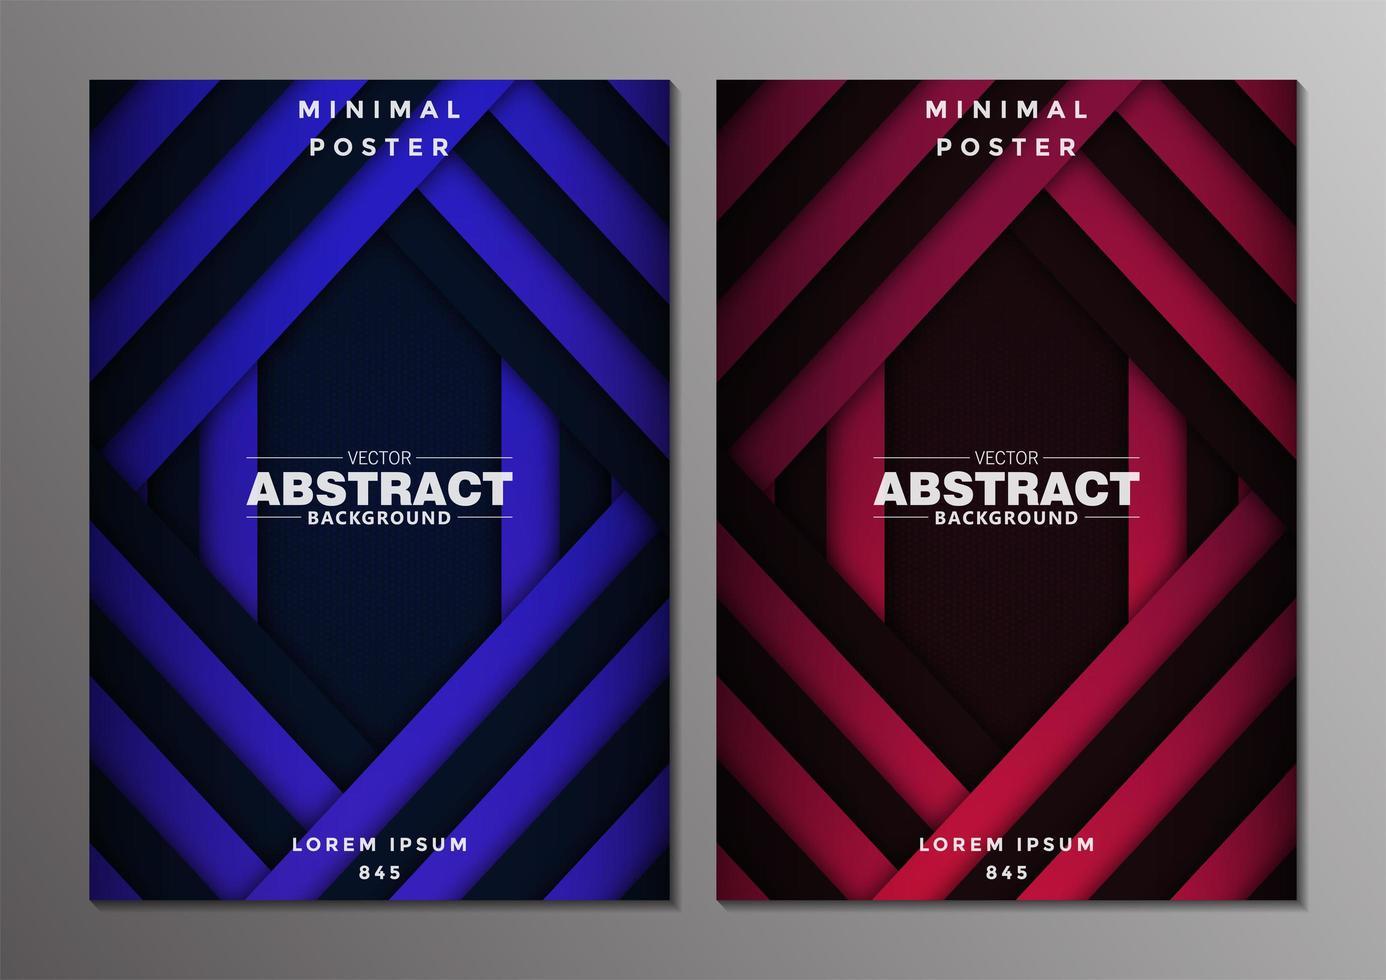 ensemble de conception de couvertures minimales abstraites vecteur